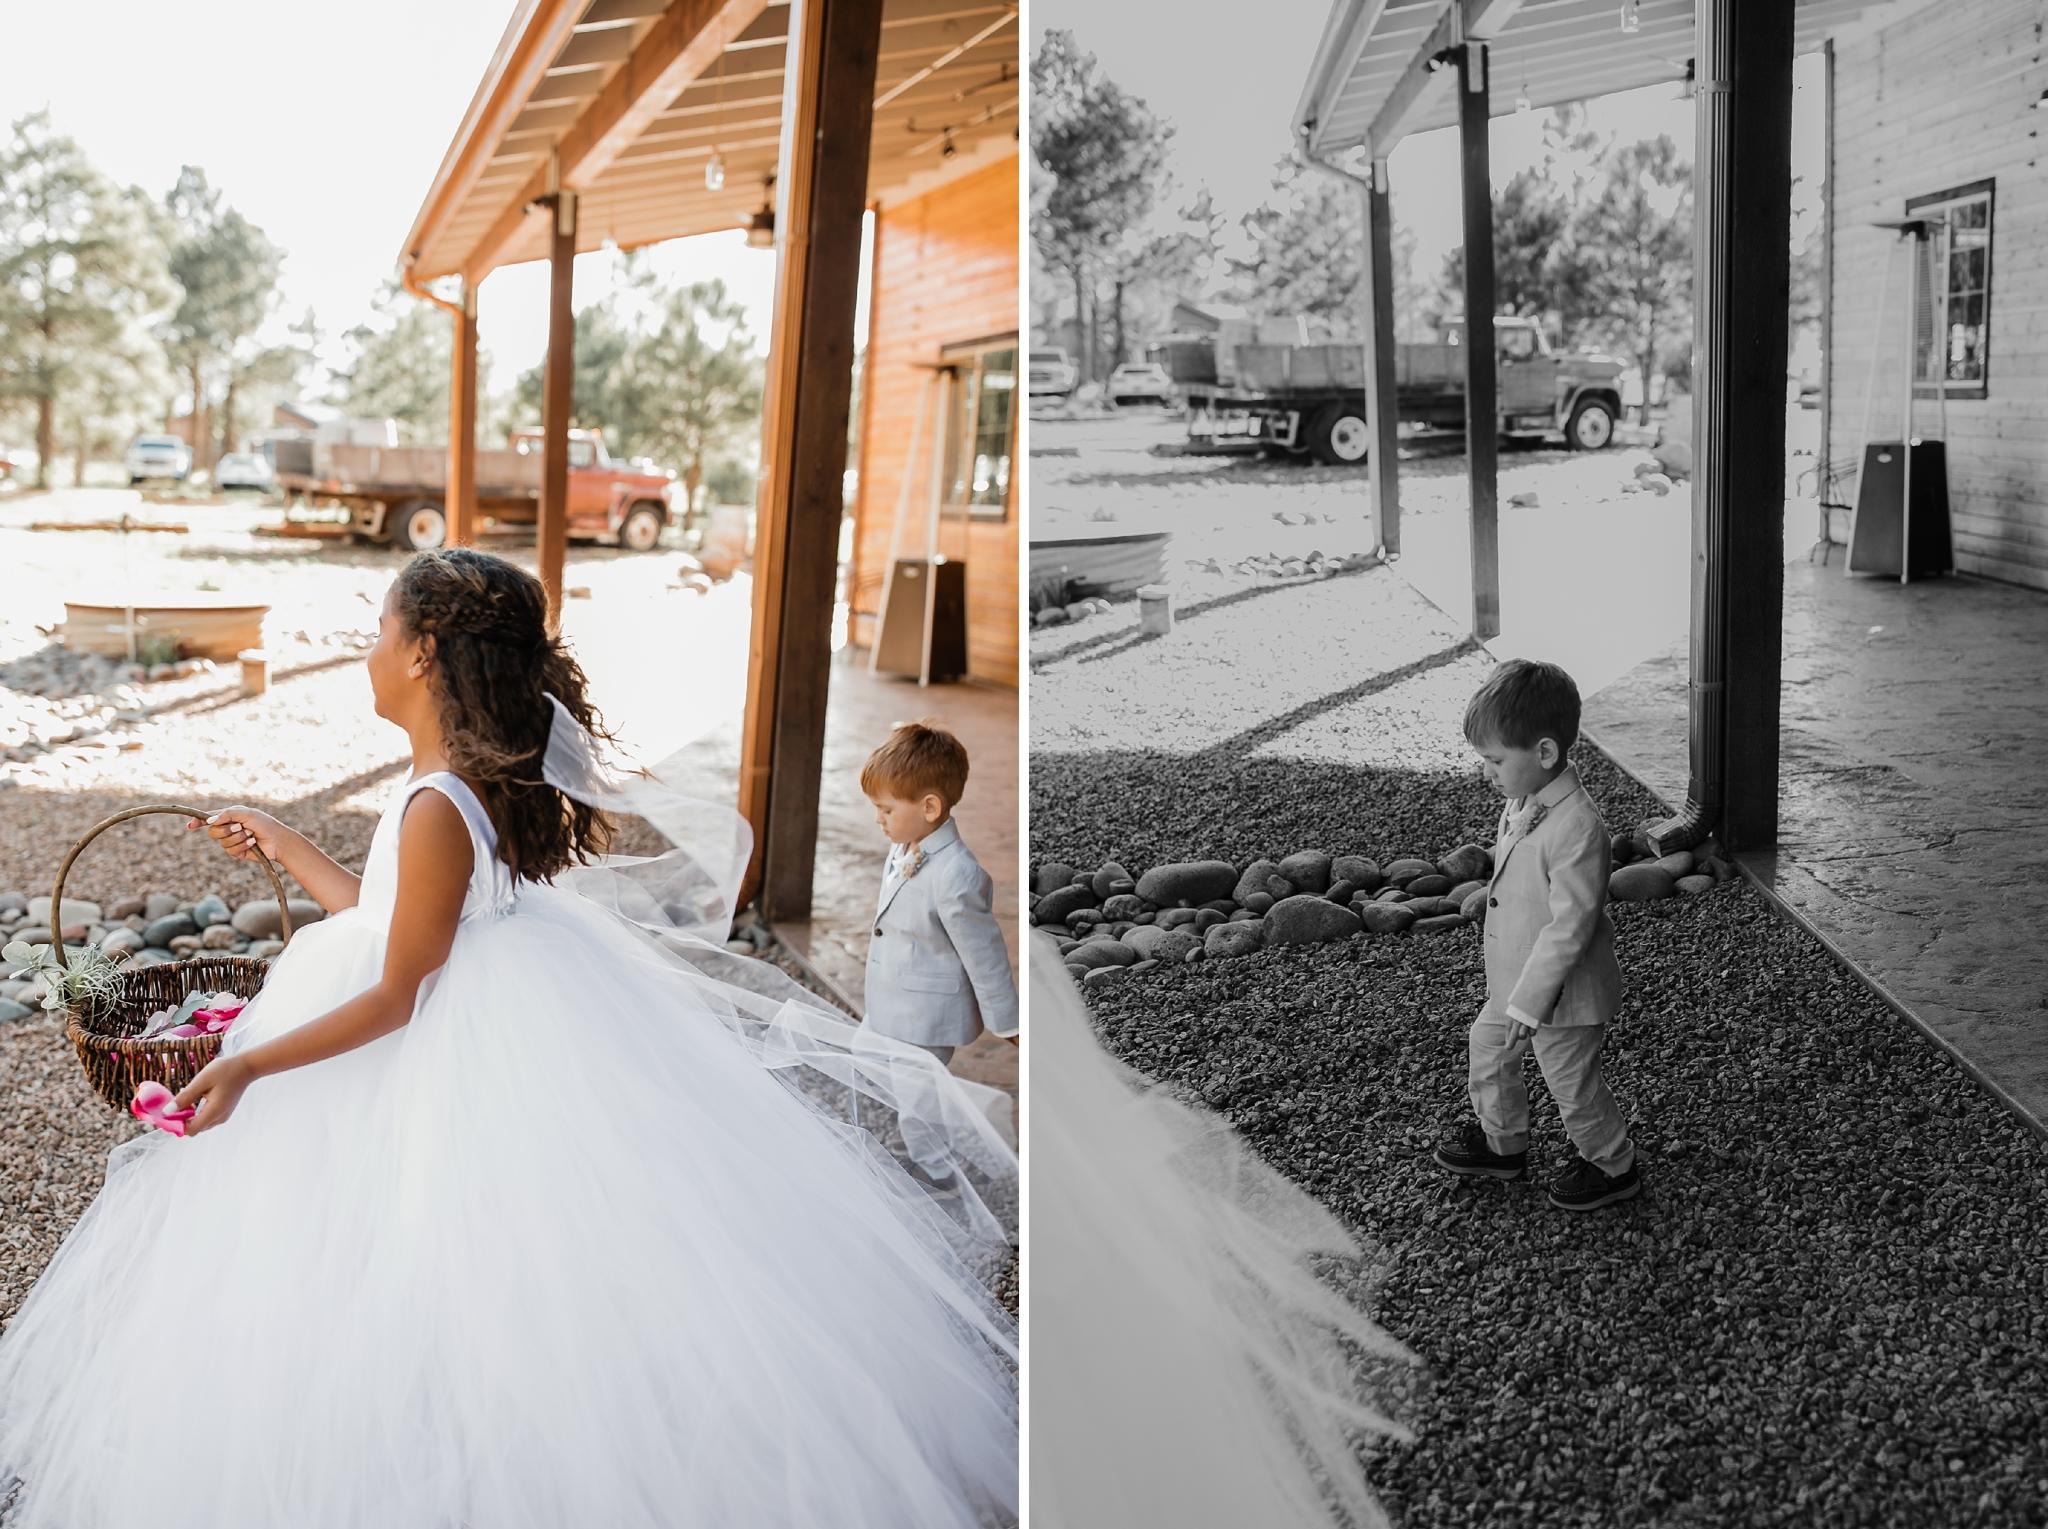 Alicia+lucia+photography+-+albuquerque+wedding+photographer+-+santa+fe+wedding+photography+-+new+mexico+wedding+photographer+-+new+mexico+wedding+-+new+mexico+wedding+-+barn+wedding+-+enchanted+vine+barn+wedding+-+ruidoso+wedding_0088.jpg